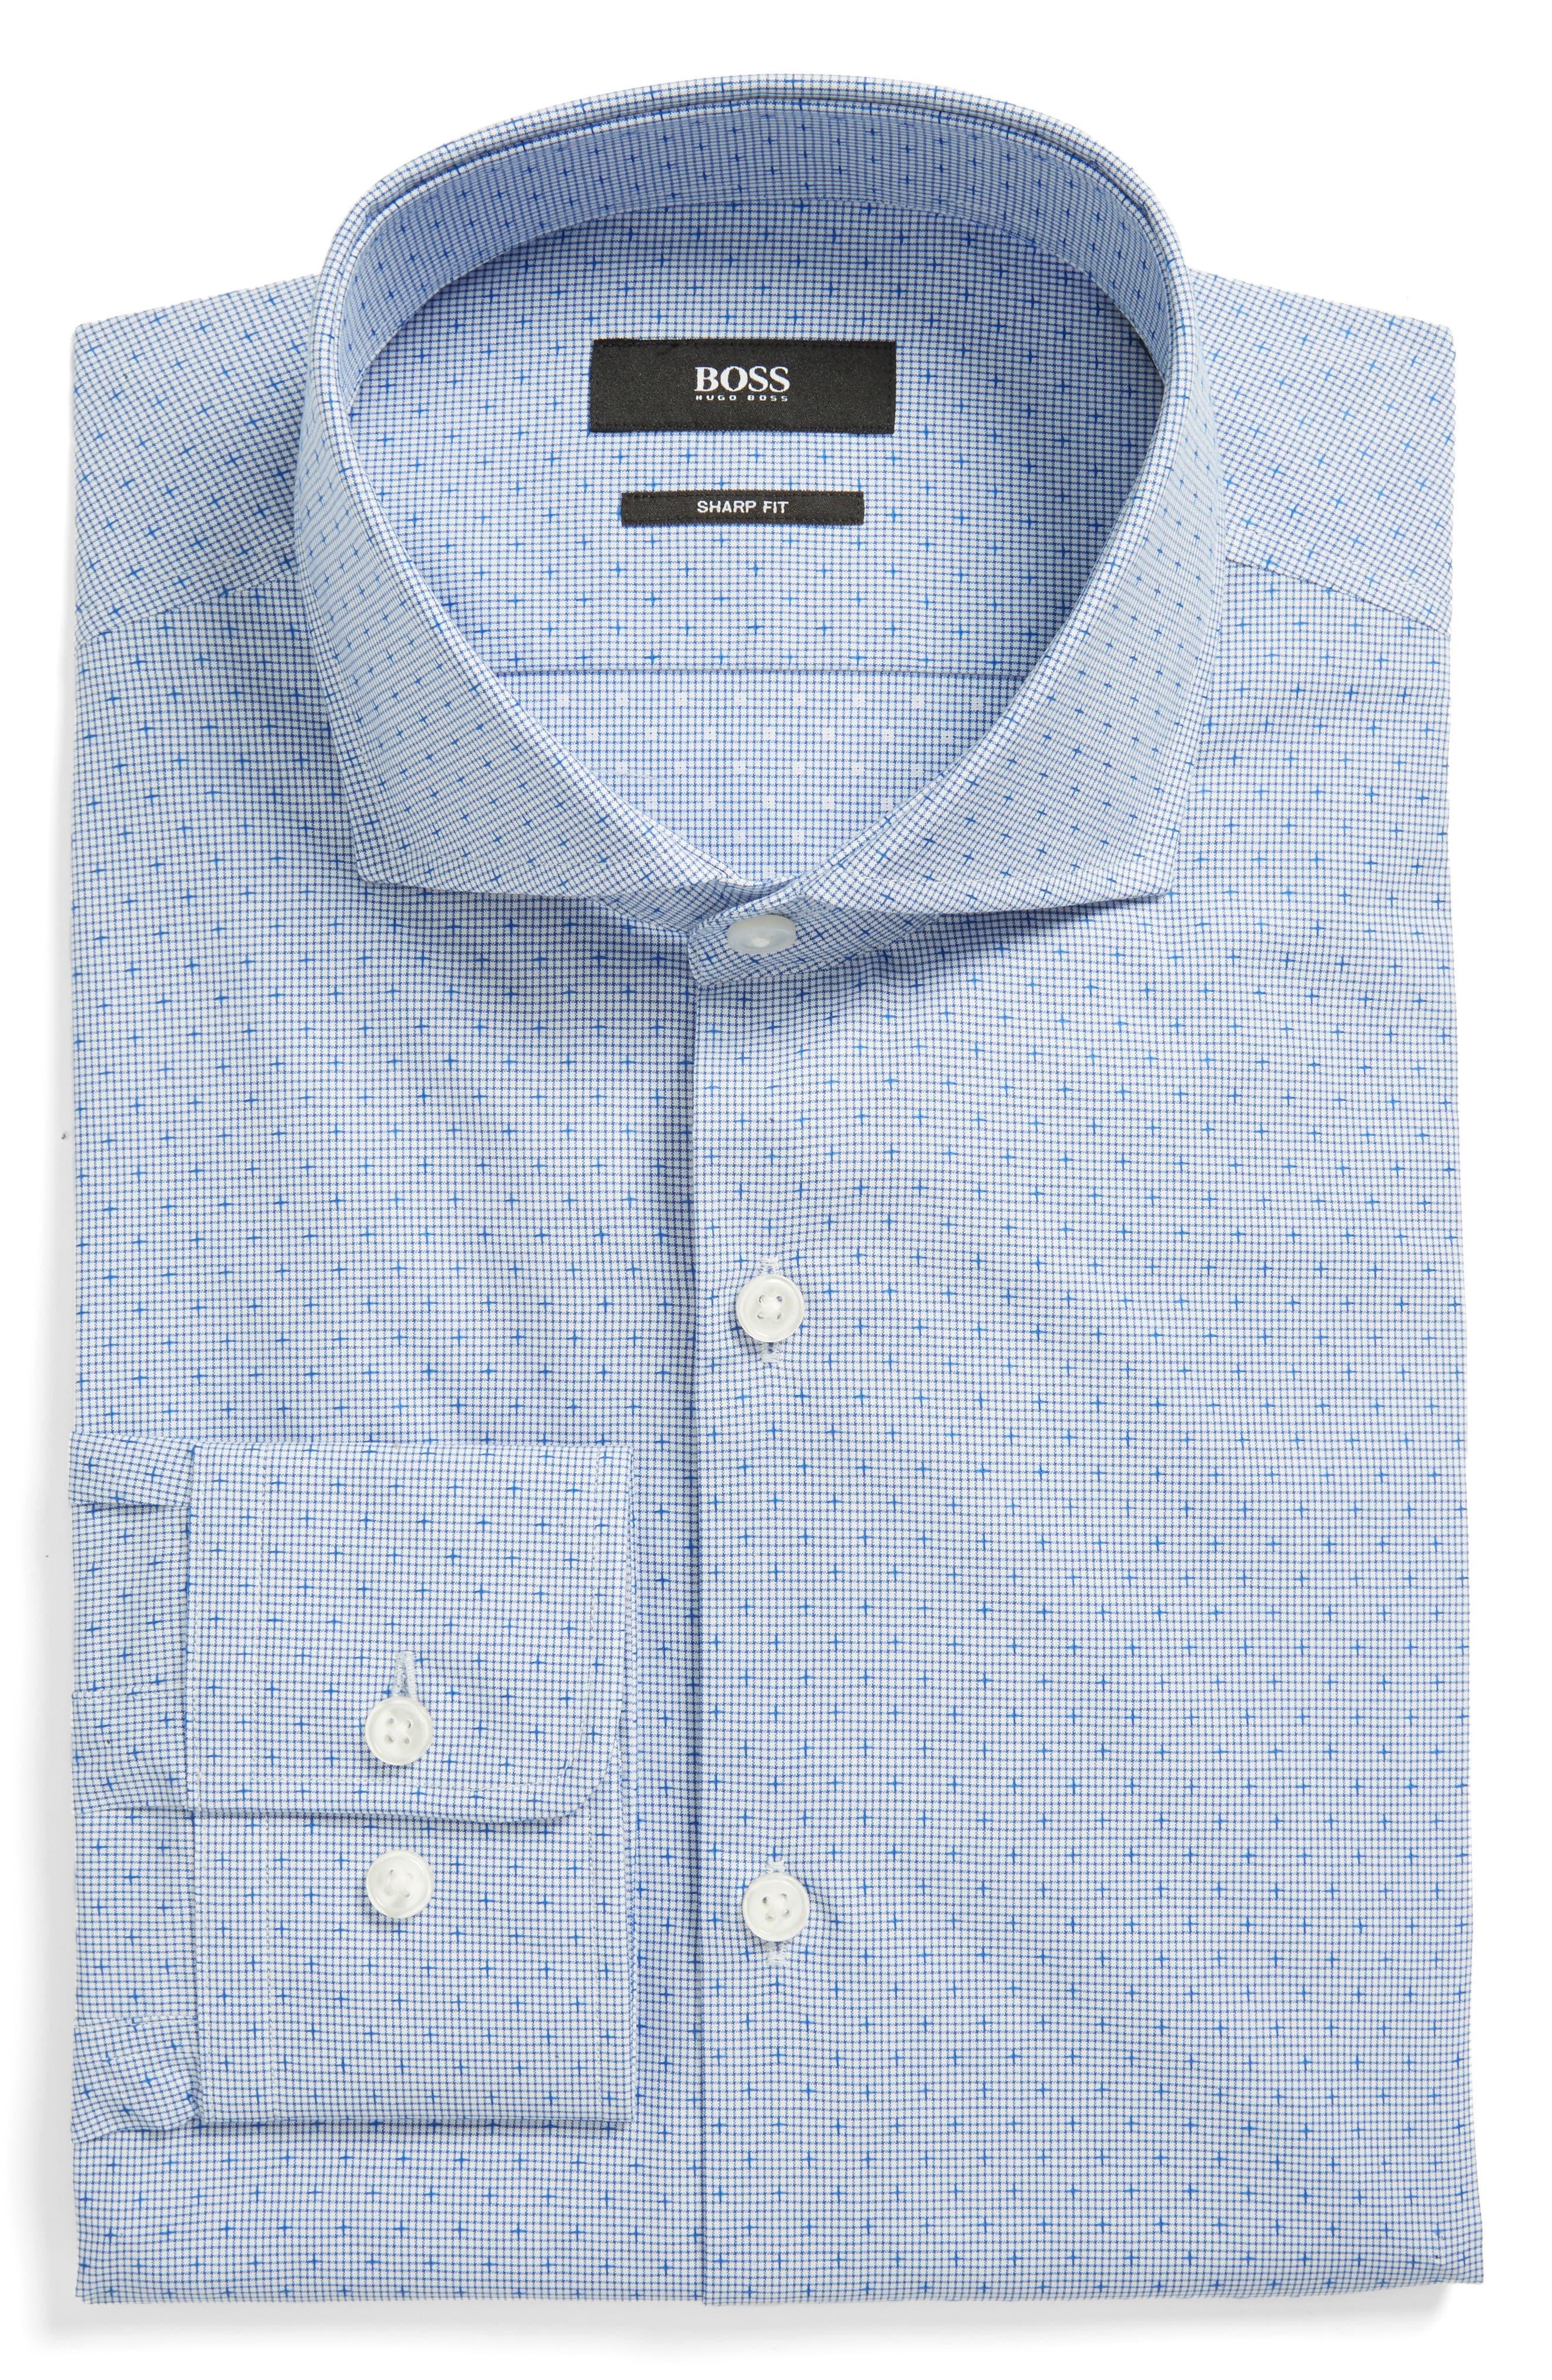 Mark Sharp Fit Dobby Dress Shirt,                         Main,                         color, Medium Blue